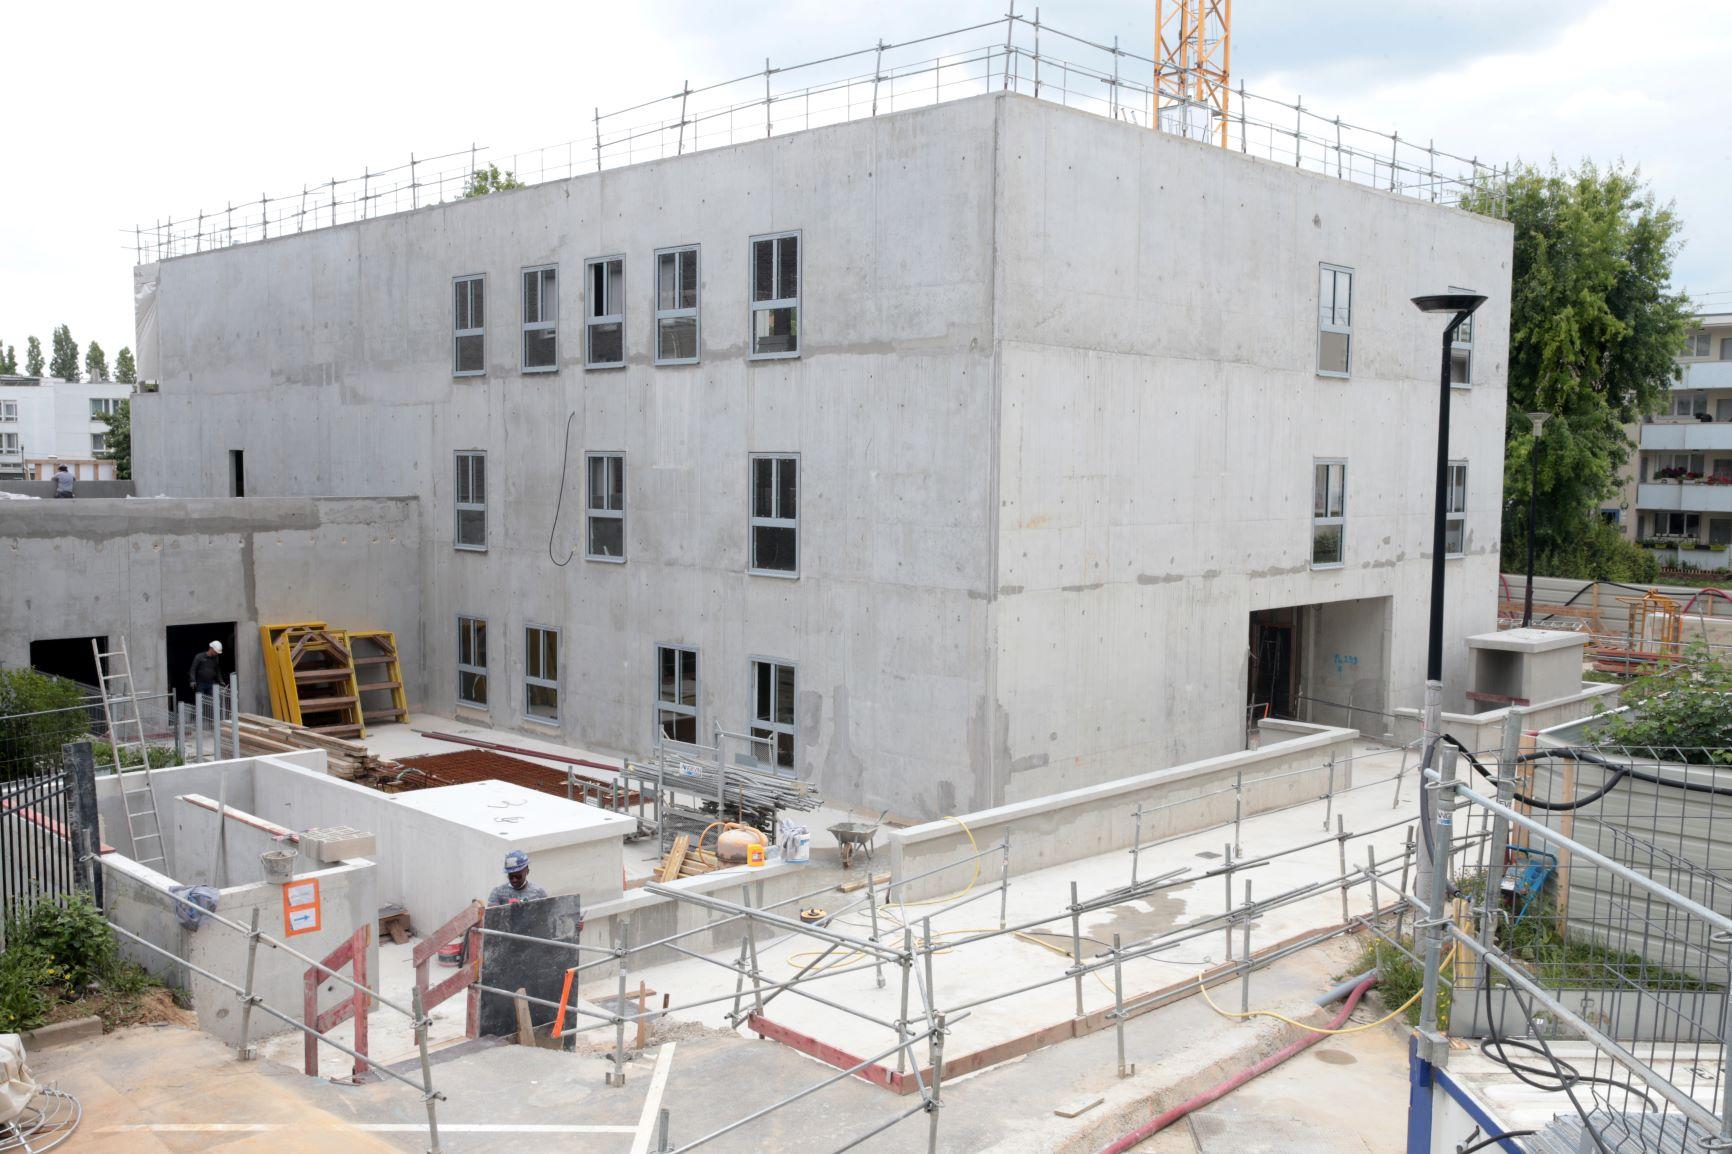 Visite de chantier pour les équipes de ville d'Orly